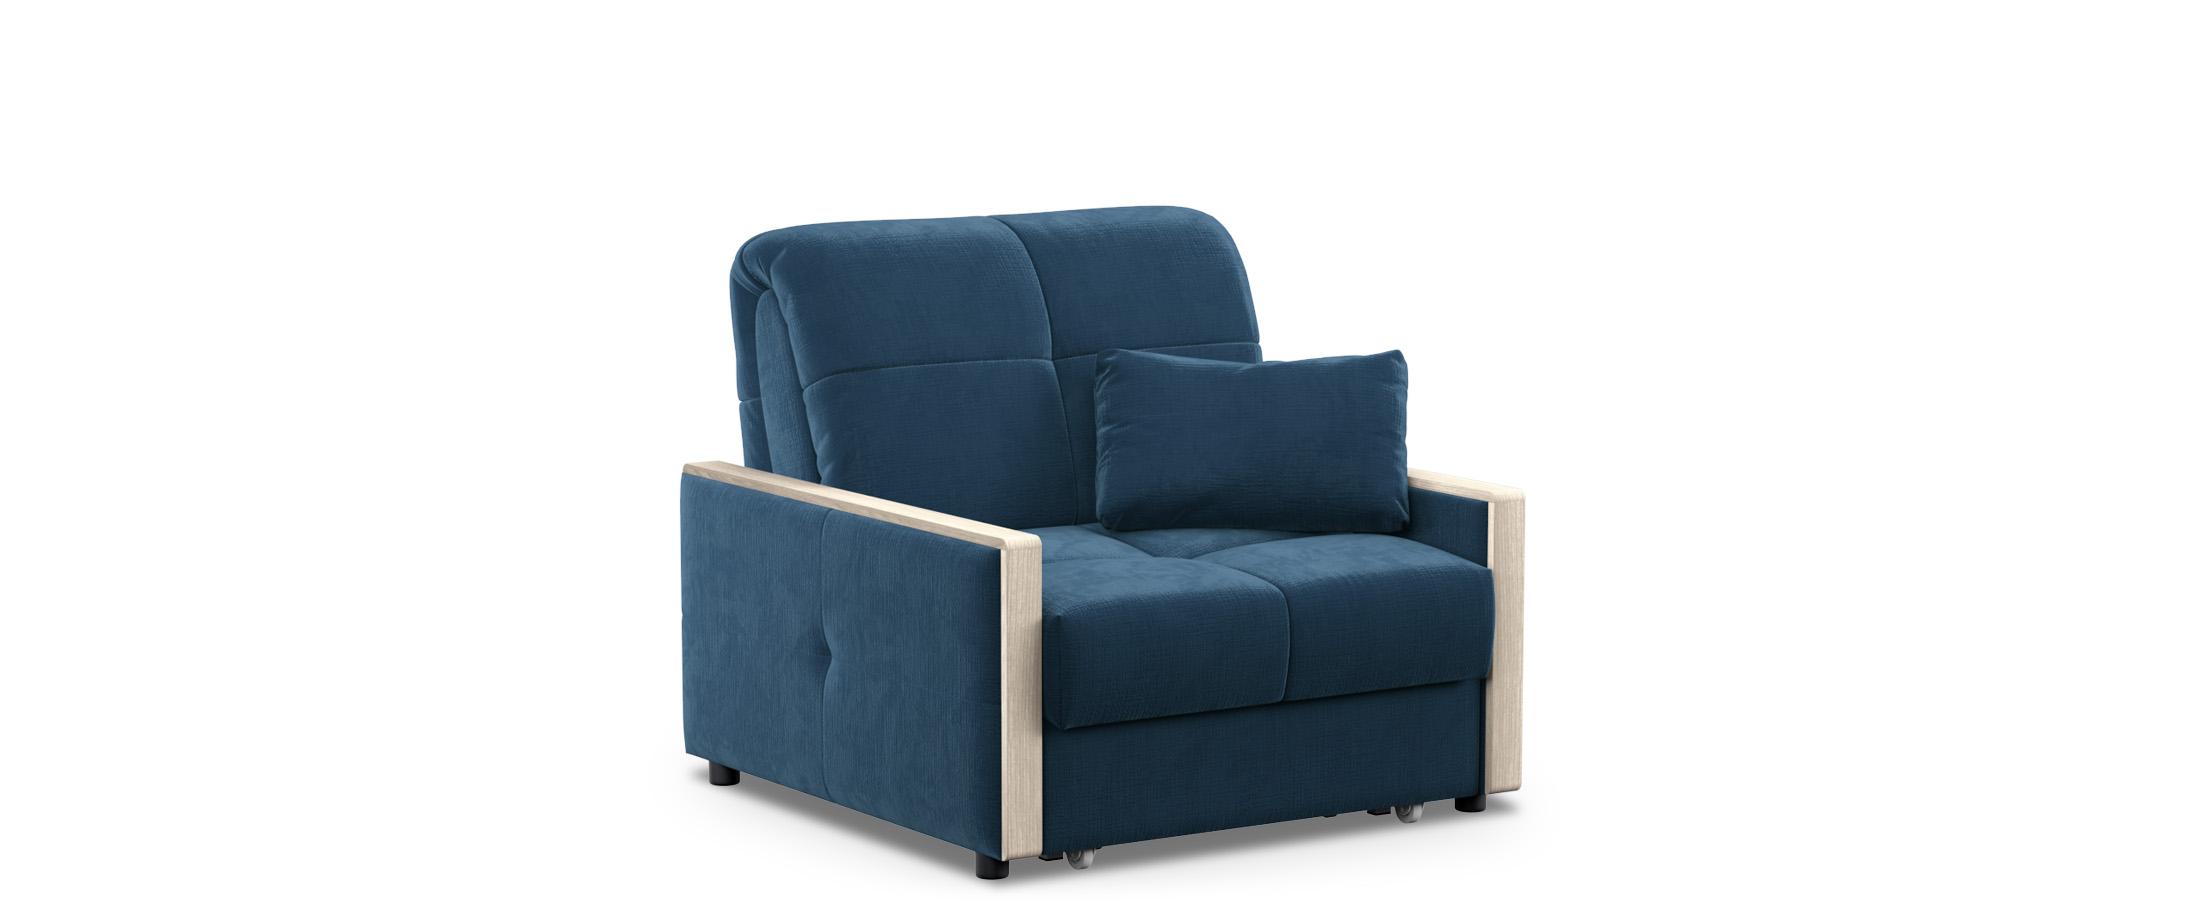 Кресло раскладное Мадрид 125 фото